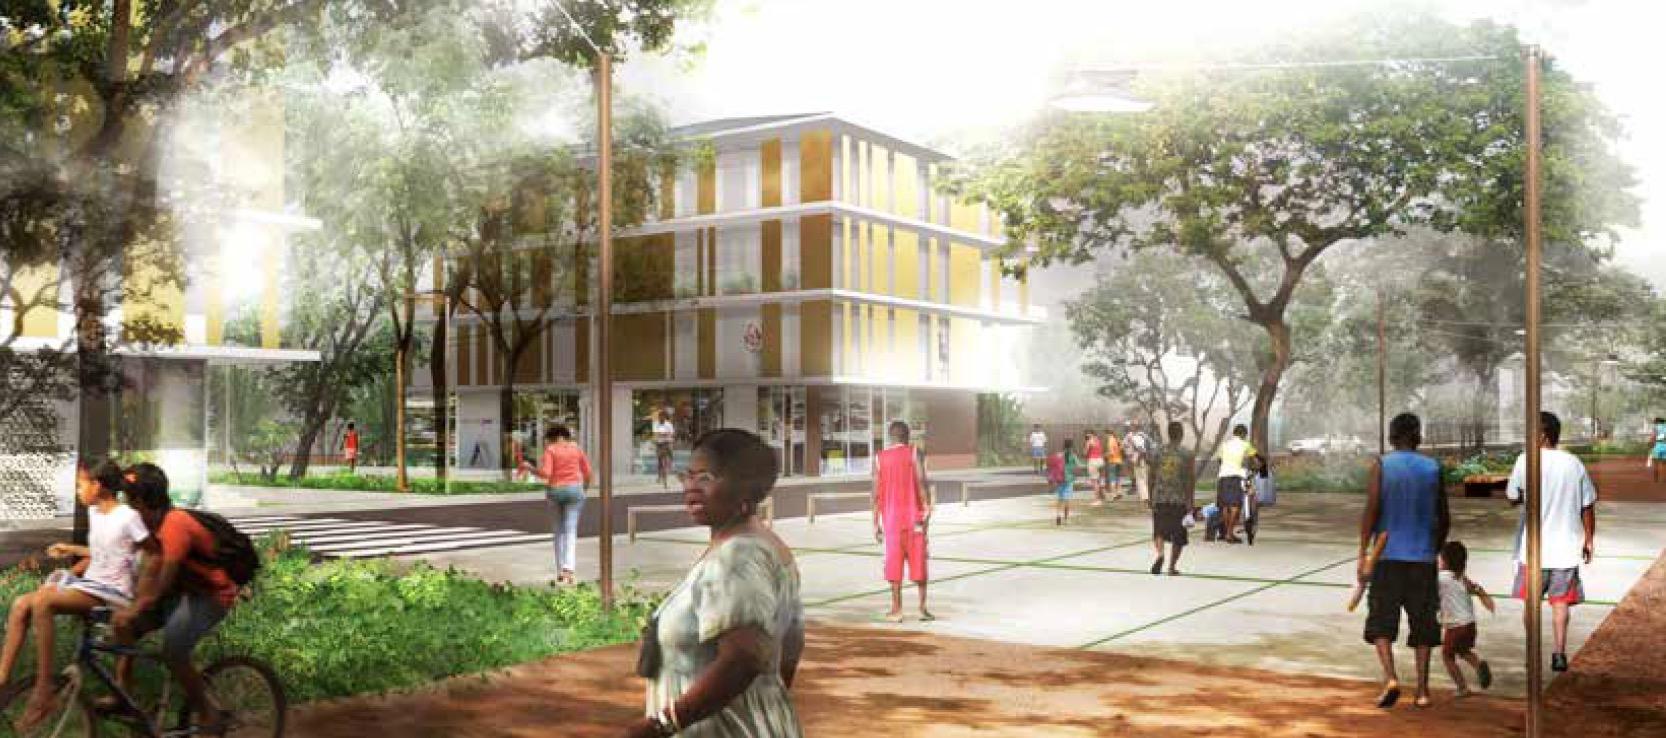 DOSSIER Immobilier : le premier écoquartier de Guyane